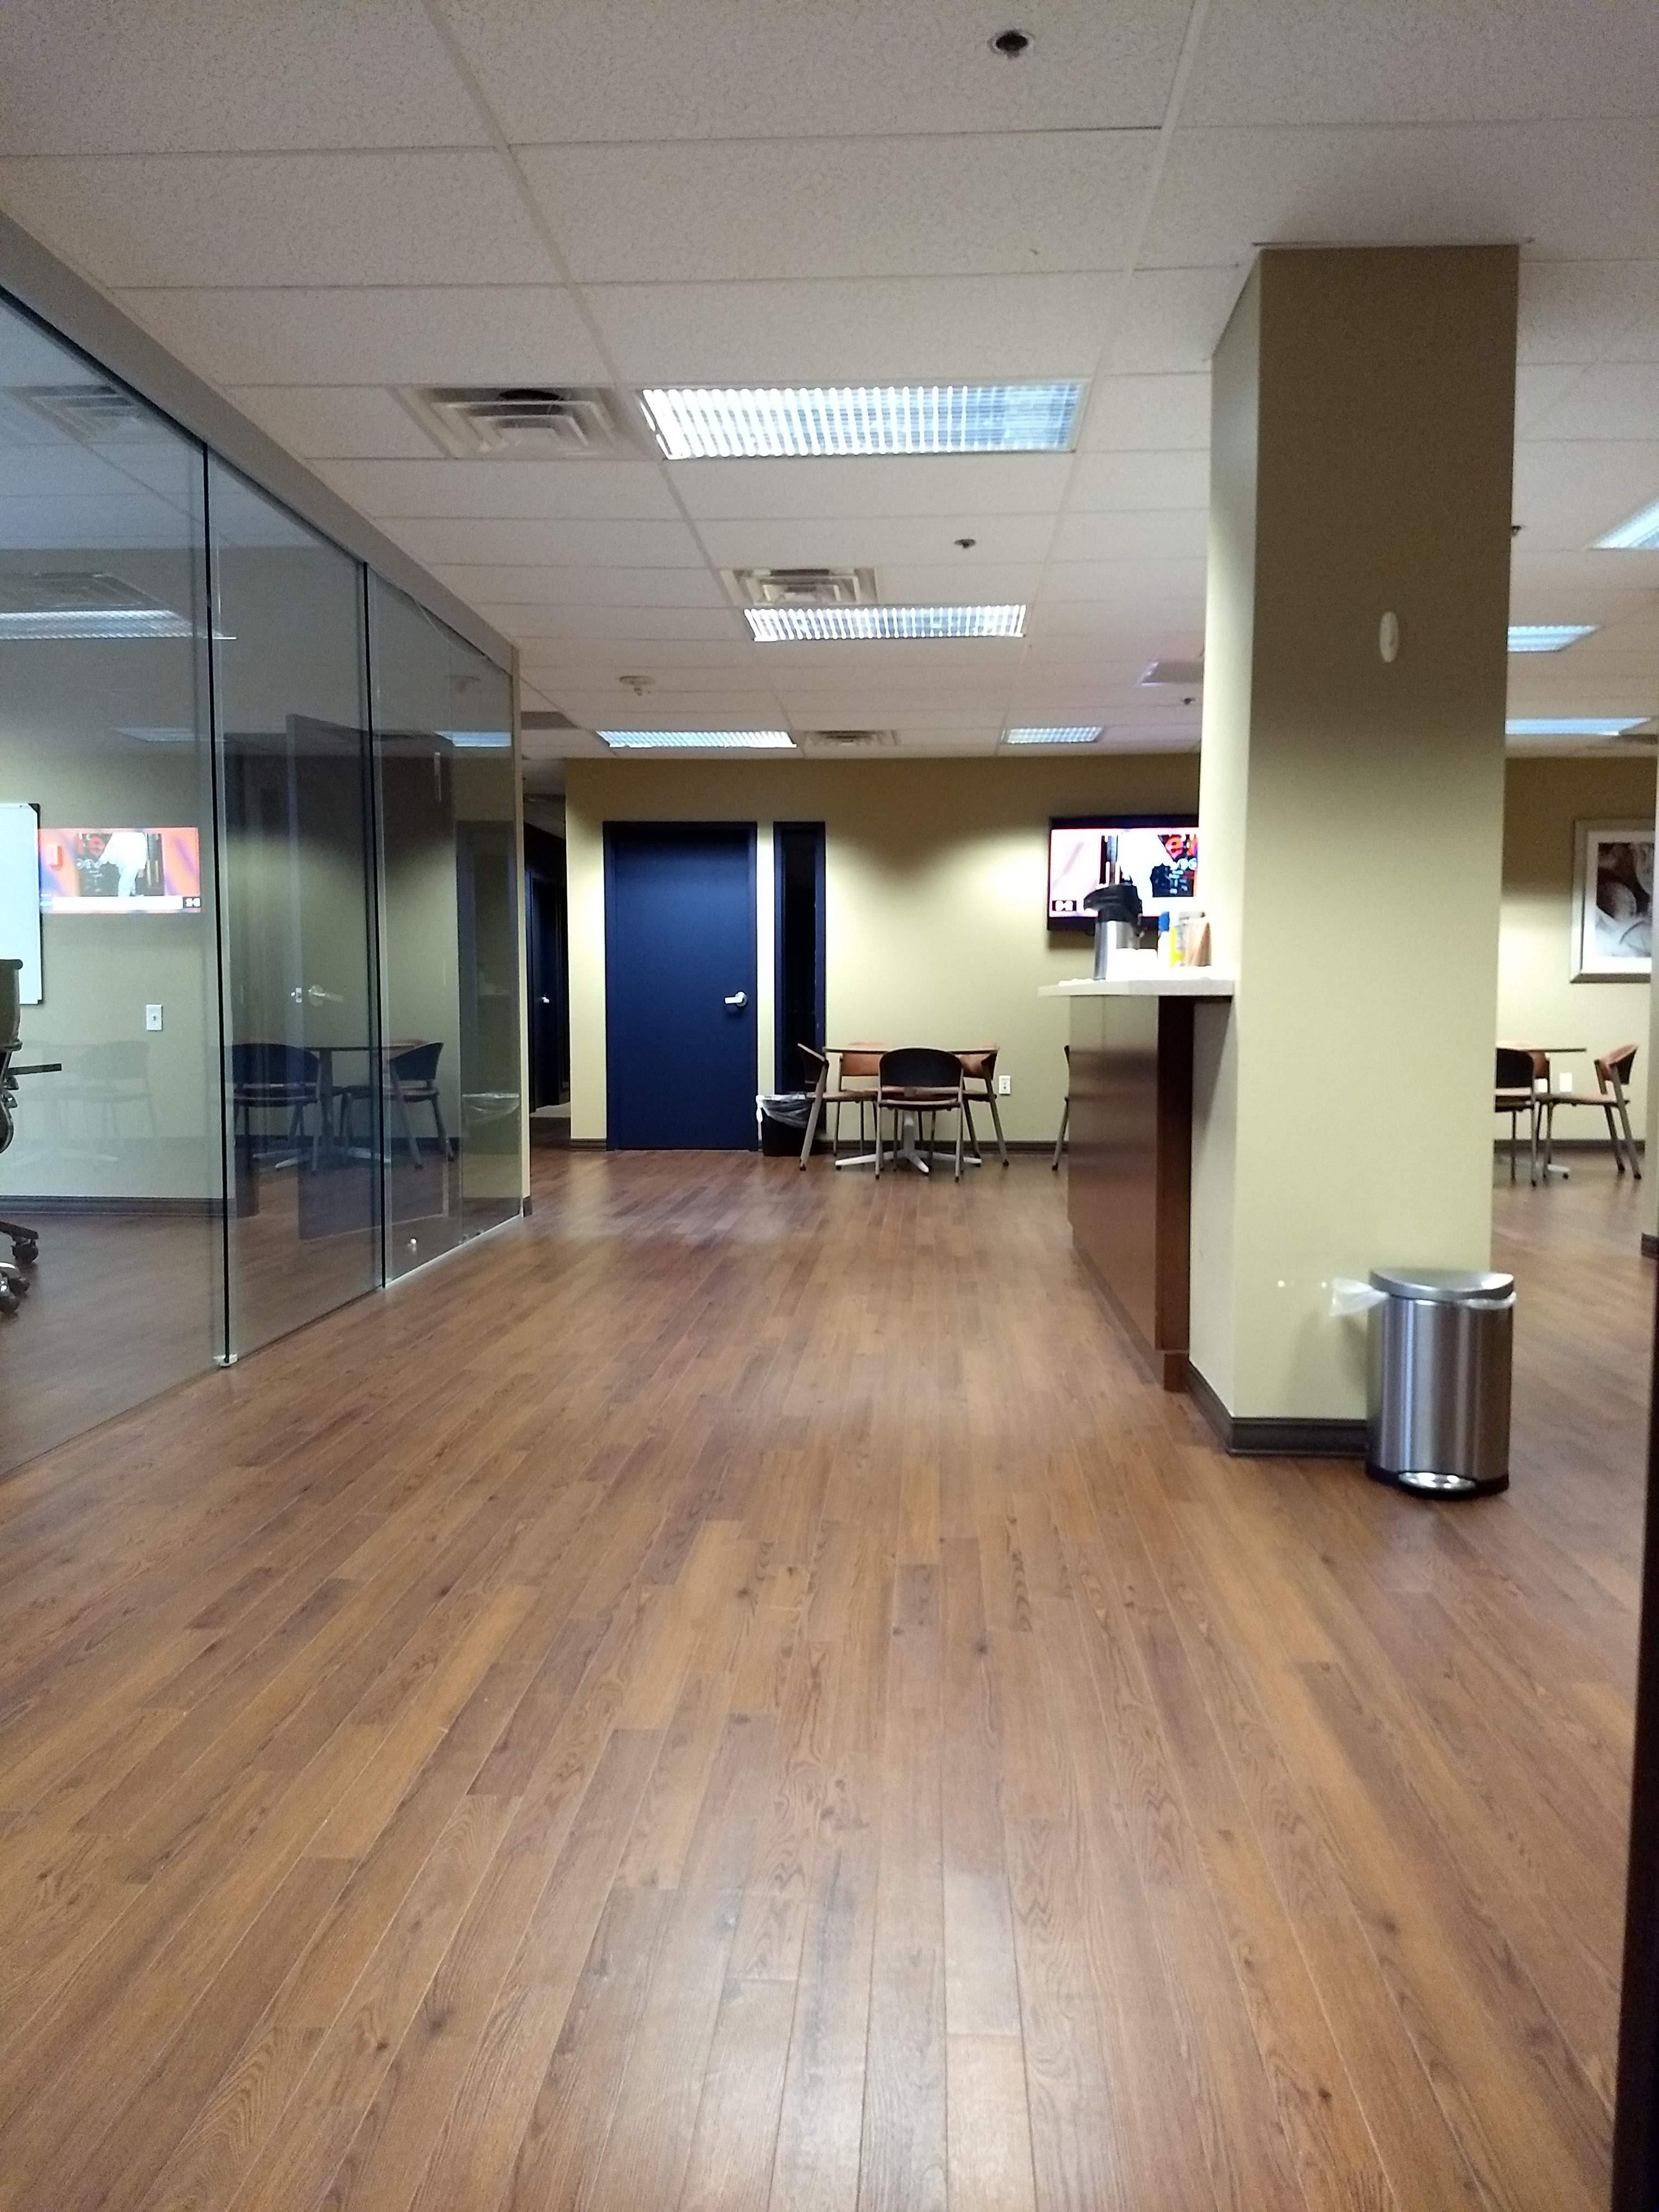 TKO Suites - 300 Delaware - Event Space